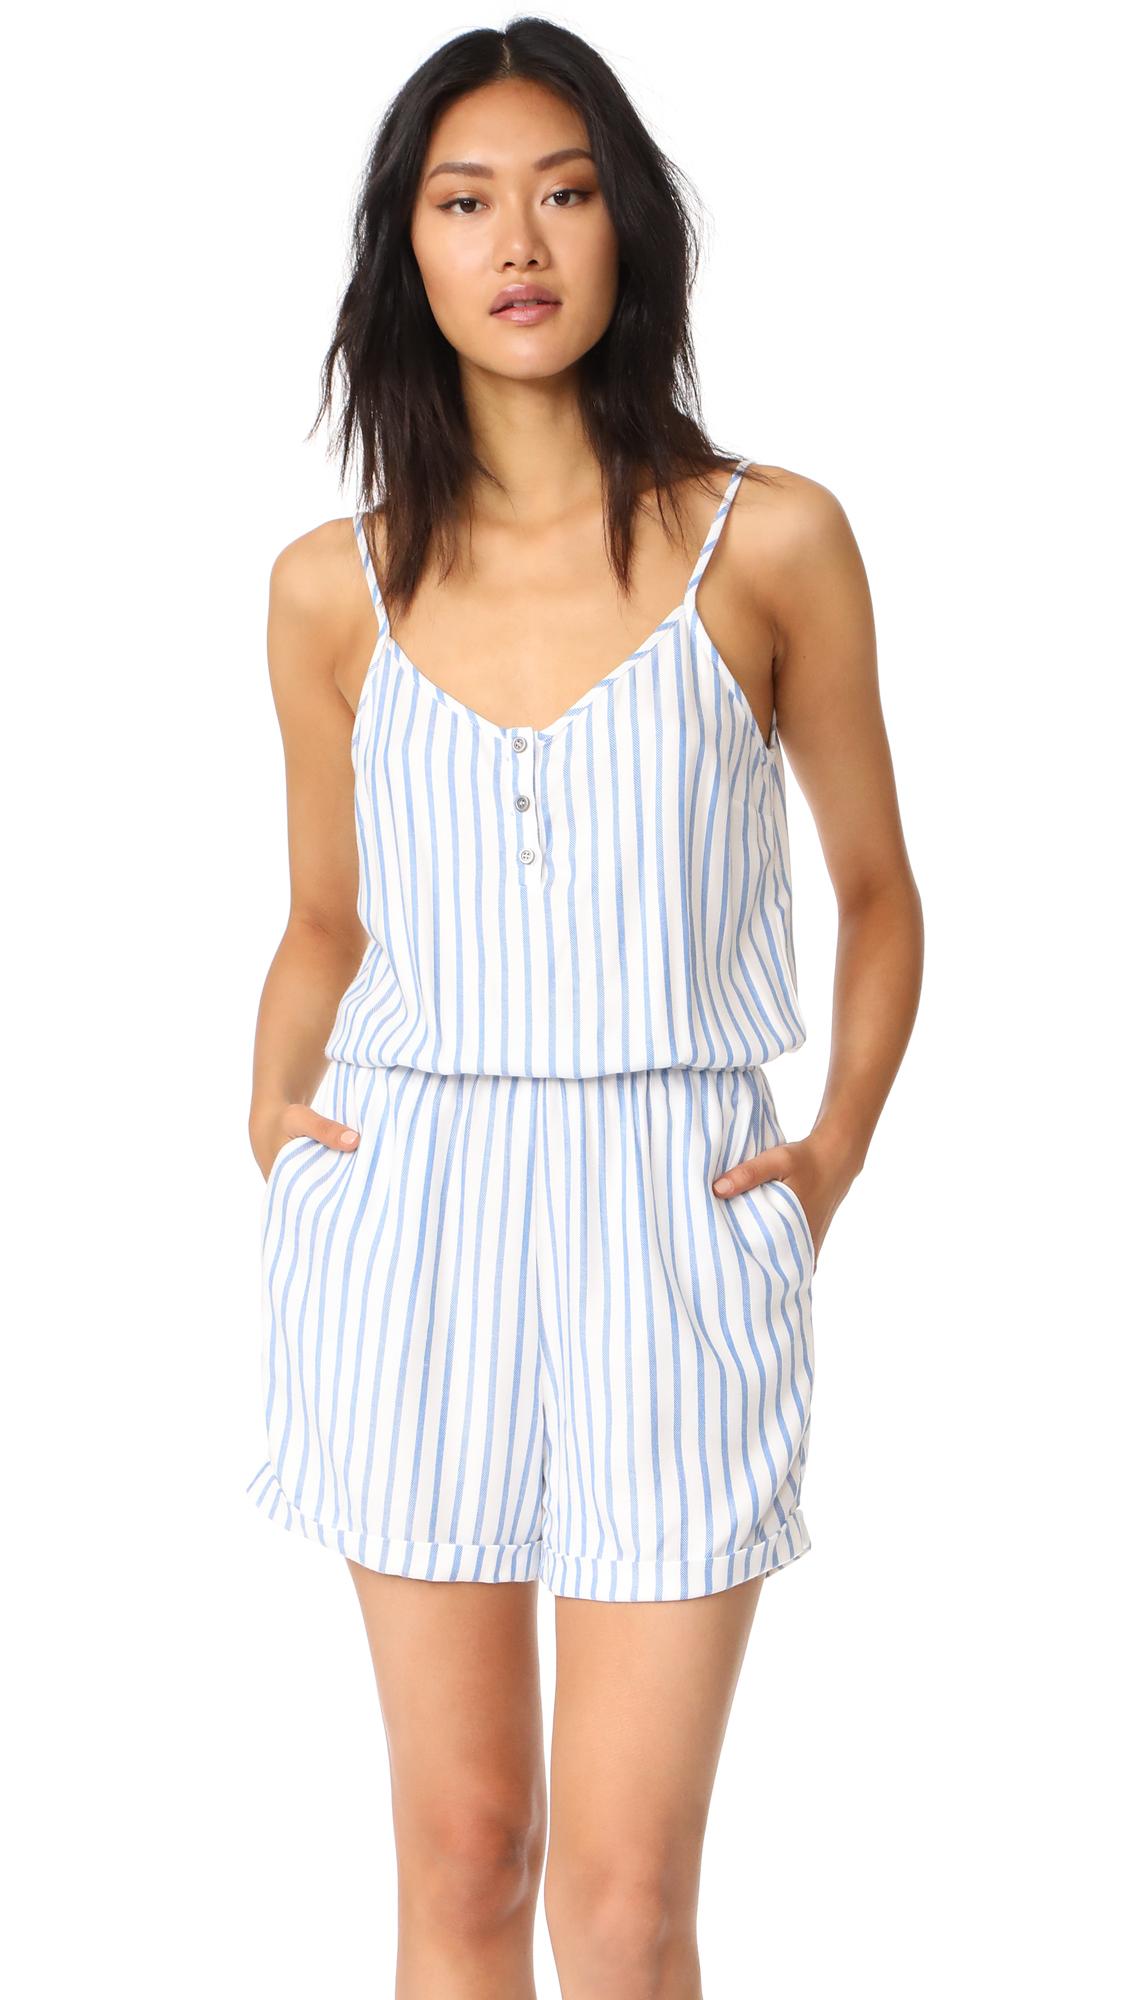 RUKEN Elena Romper - Blue/White Twill Stripe